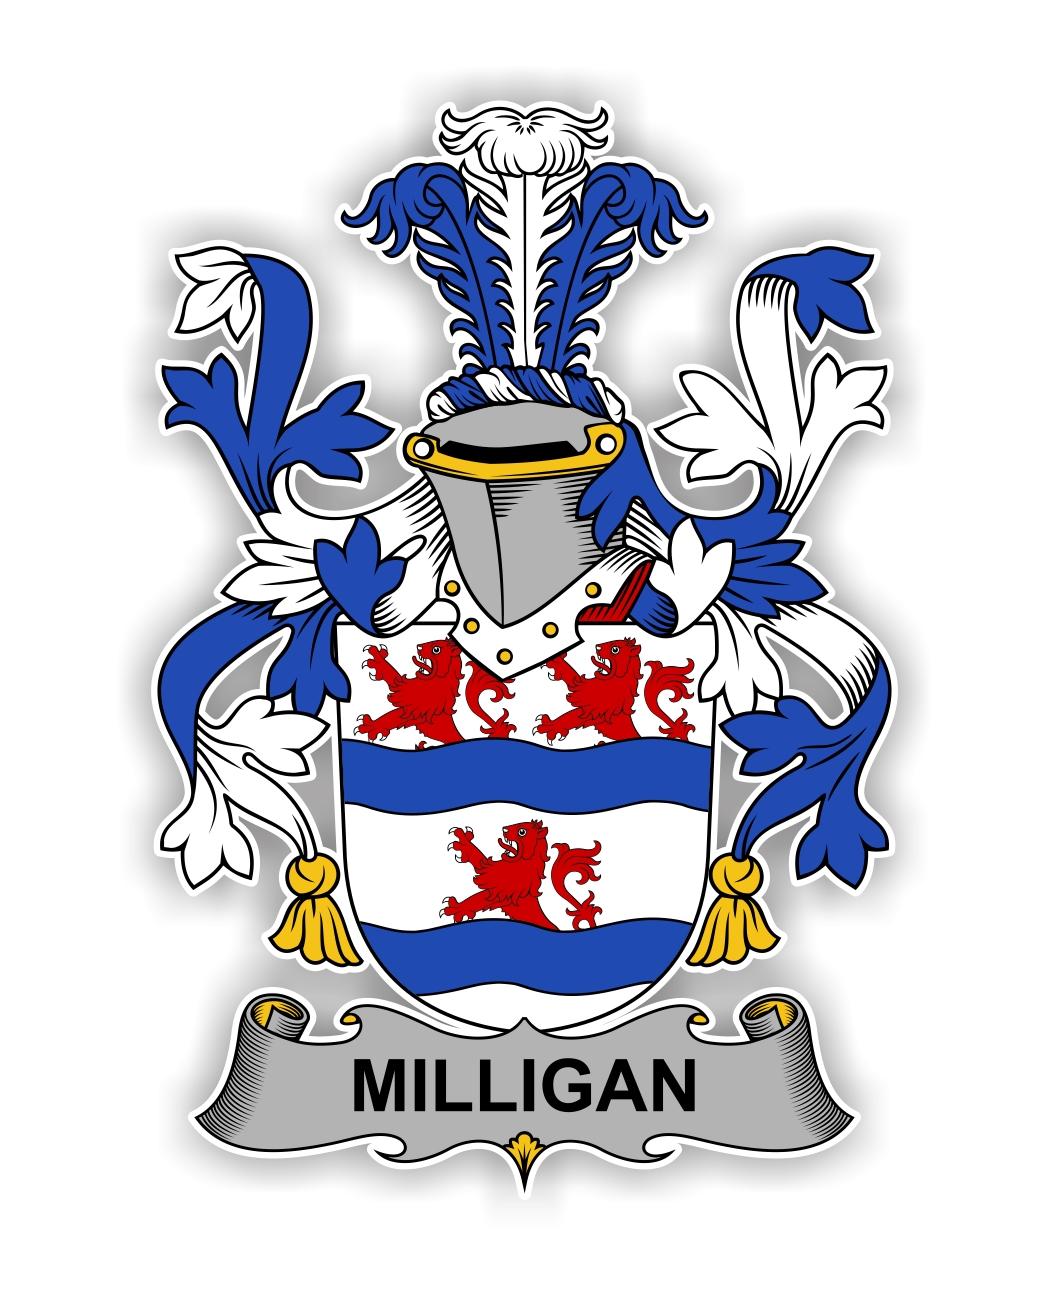 milliganonline.com